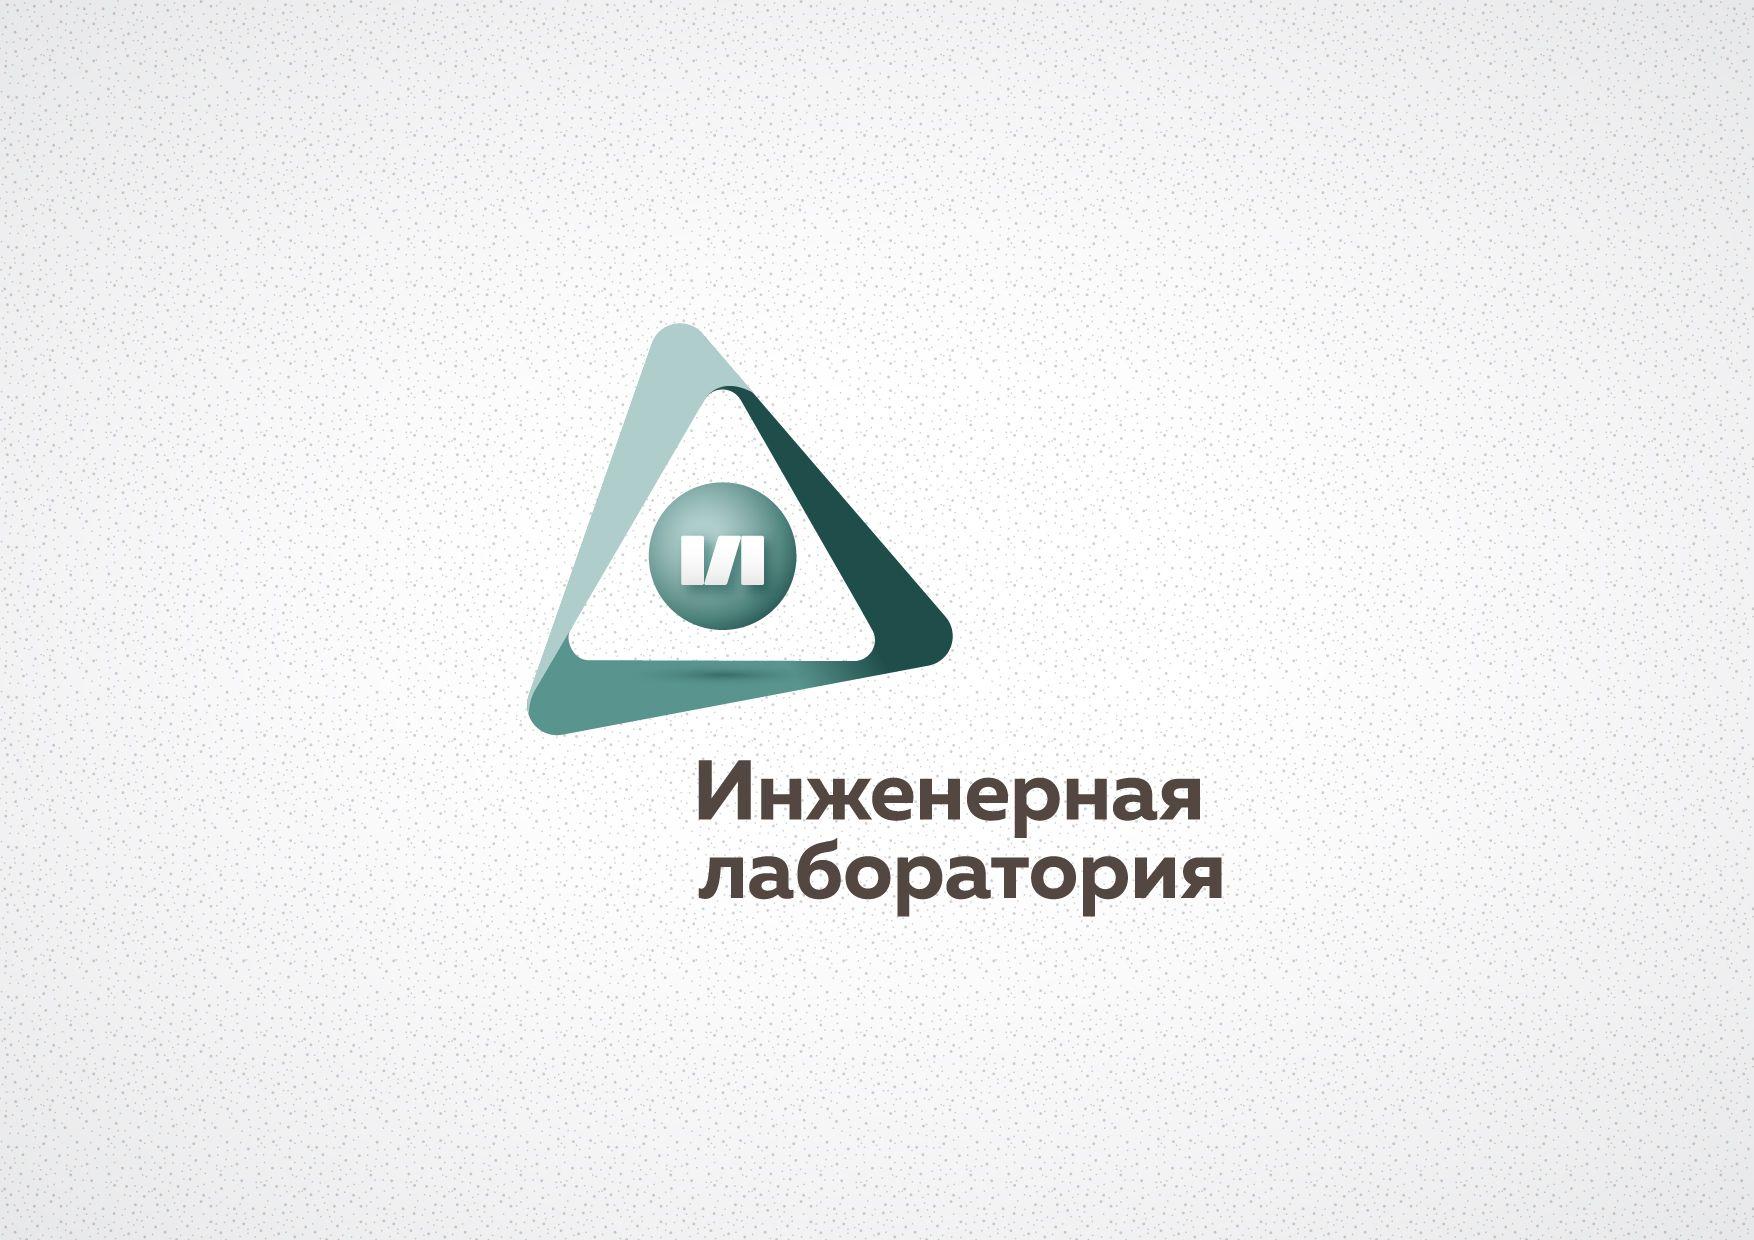 Лого и фирменный стиль для Инженерная лаборатория  - дизайнер grrssn